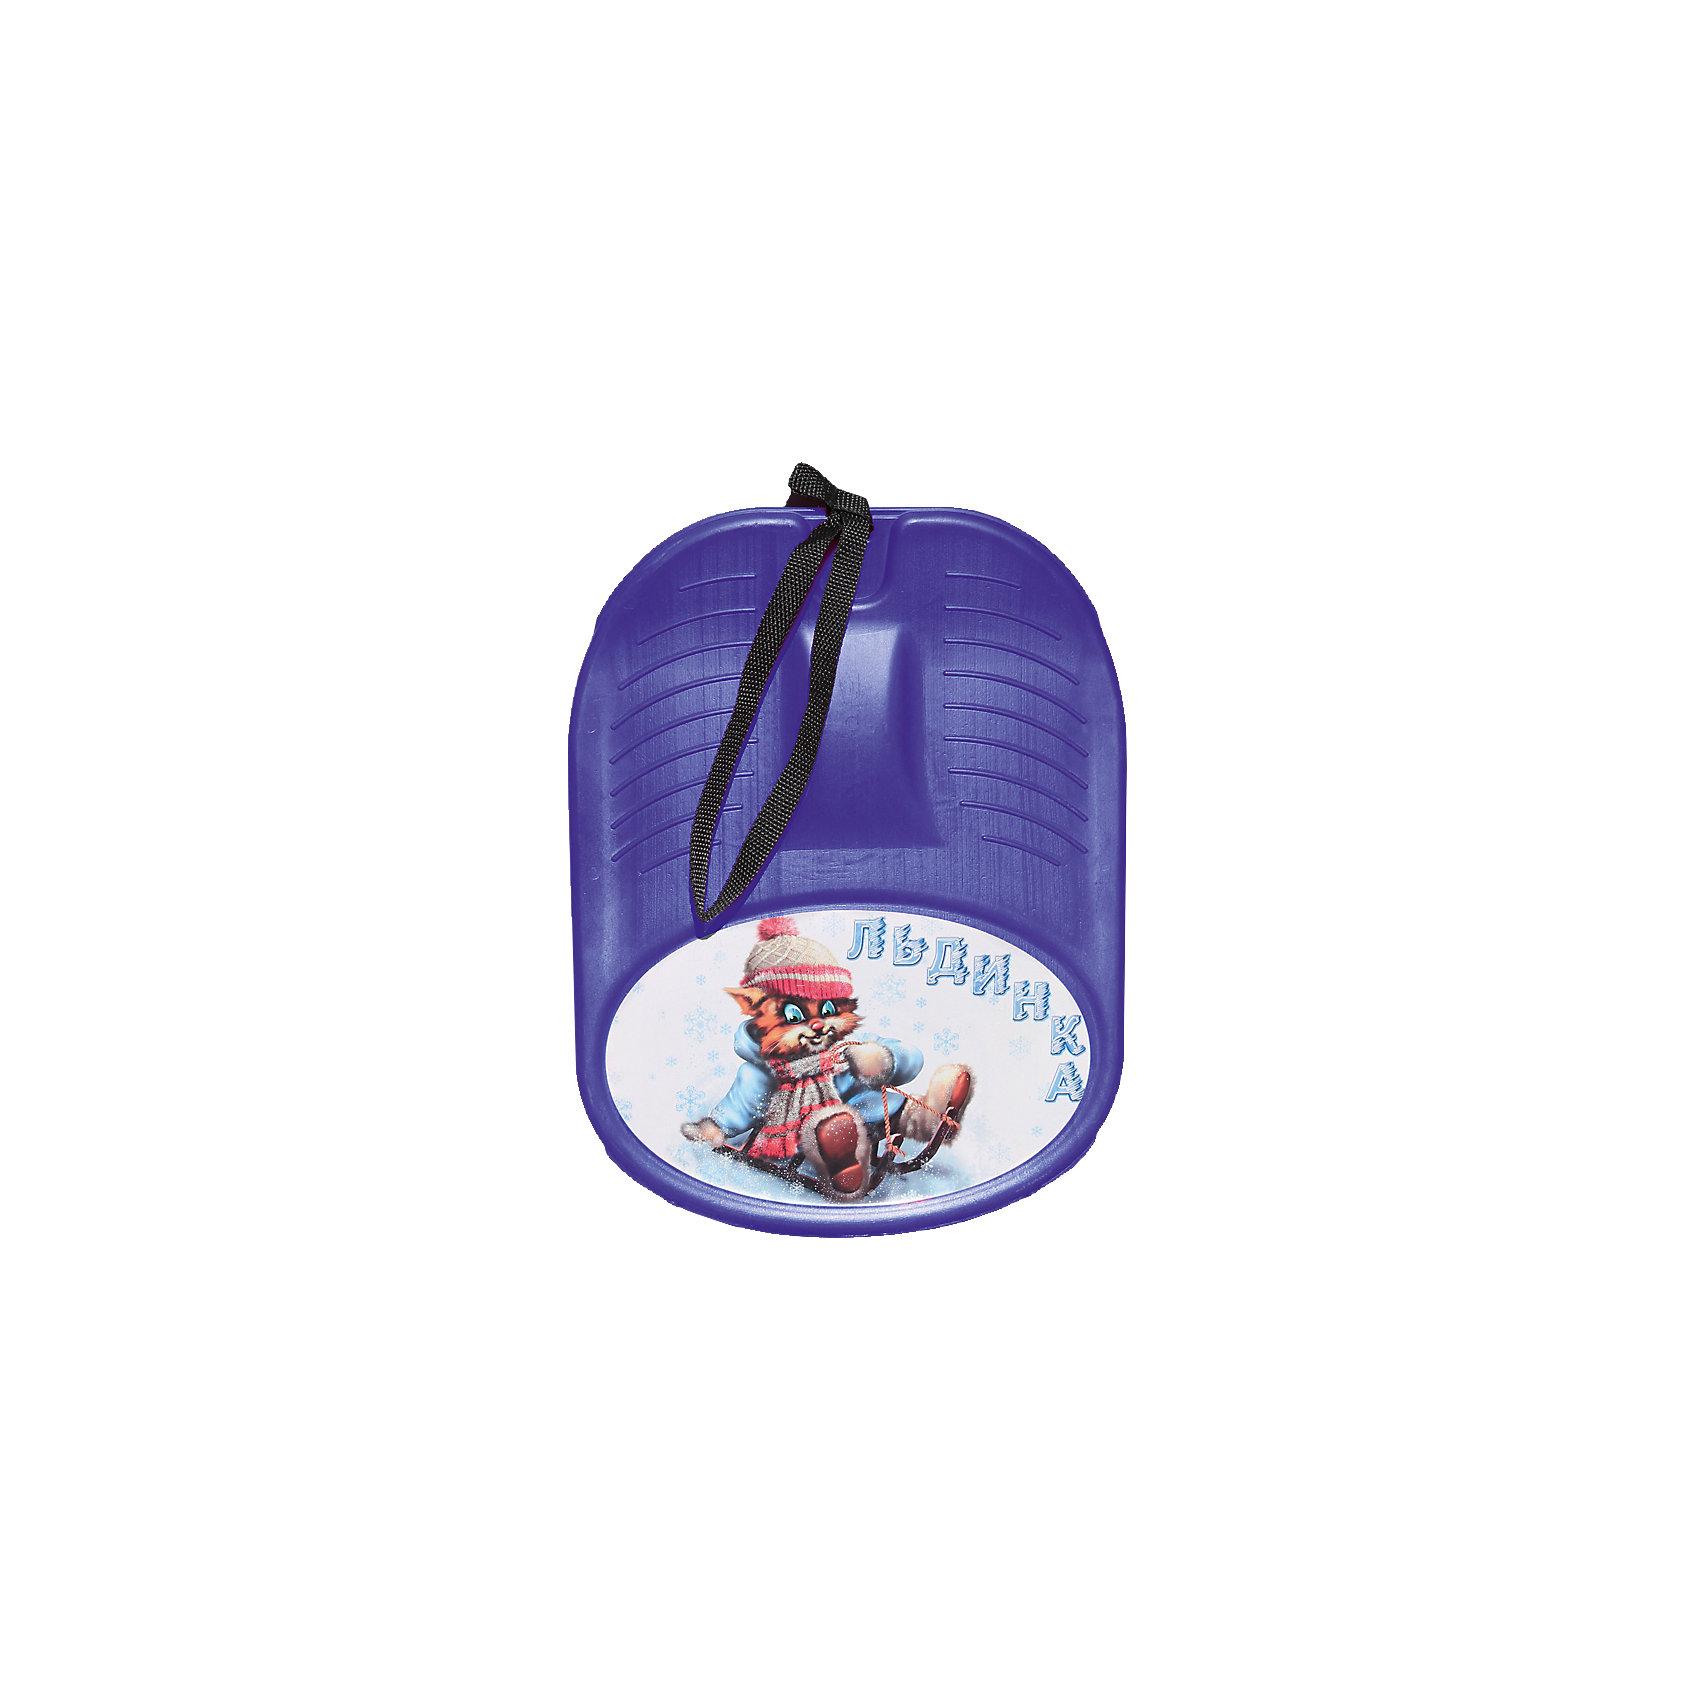 Ледянка Льдинка, синяяЛедянка Льдинка идеально подходит для активных зимних игр и веселого катания с горок. Ледянка выполнена из легкого морозостойкого пластика, воздушная прослойка и объемная штамповка хорошо сохраняют тепло. Небольшой вес и компактные размеры делают ее особенно<br>удобной для ребенка. Ледянка хорошо развивает скорость и отлично скользит по снежной или ледяной поверхности. Имеется текстильная ручка для транспортировки. Максимальный вес - 90 кг. Катание на ледянке тренирует силу, выносливость, координацию движений и<br>вестибулярный аппарат.<br><br>Дополнительная информация:<br><br>- Цвет: синий<br>- Материал: морозостойкий пластик.<br>- Размер ледянки: 36 х 27 х 3 см.<br>- Вес: 0,56 кг. <br><br>Ледянку Льдинка, синюю, можно купить в нашем интернет-магазине.<br><br>Ширина мм: 360<br>Глубина мм: 270<br>Высота мм: 30<br>Вес г: 560<br>Возраст от месяцев: 36<br>Возраст до месяцев: 144<br>Пол: Унисекс<br>Возраст: Детский<br>SKU: 4245923